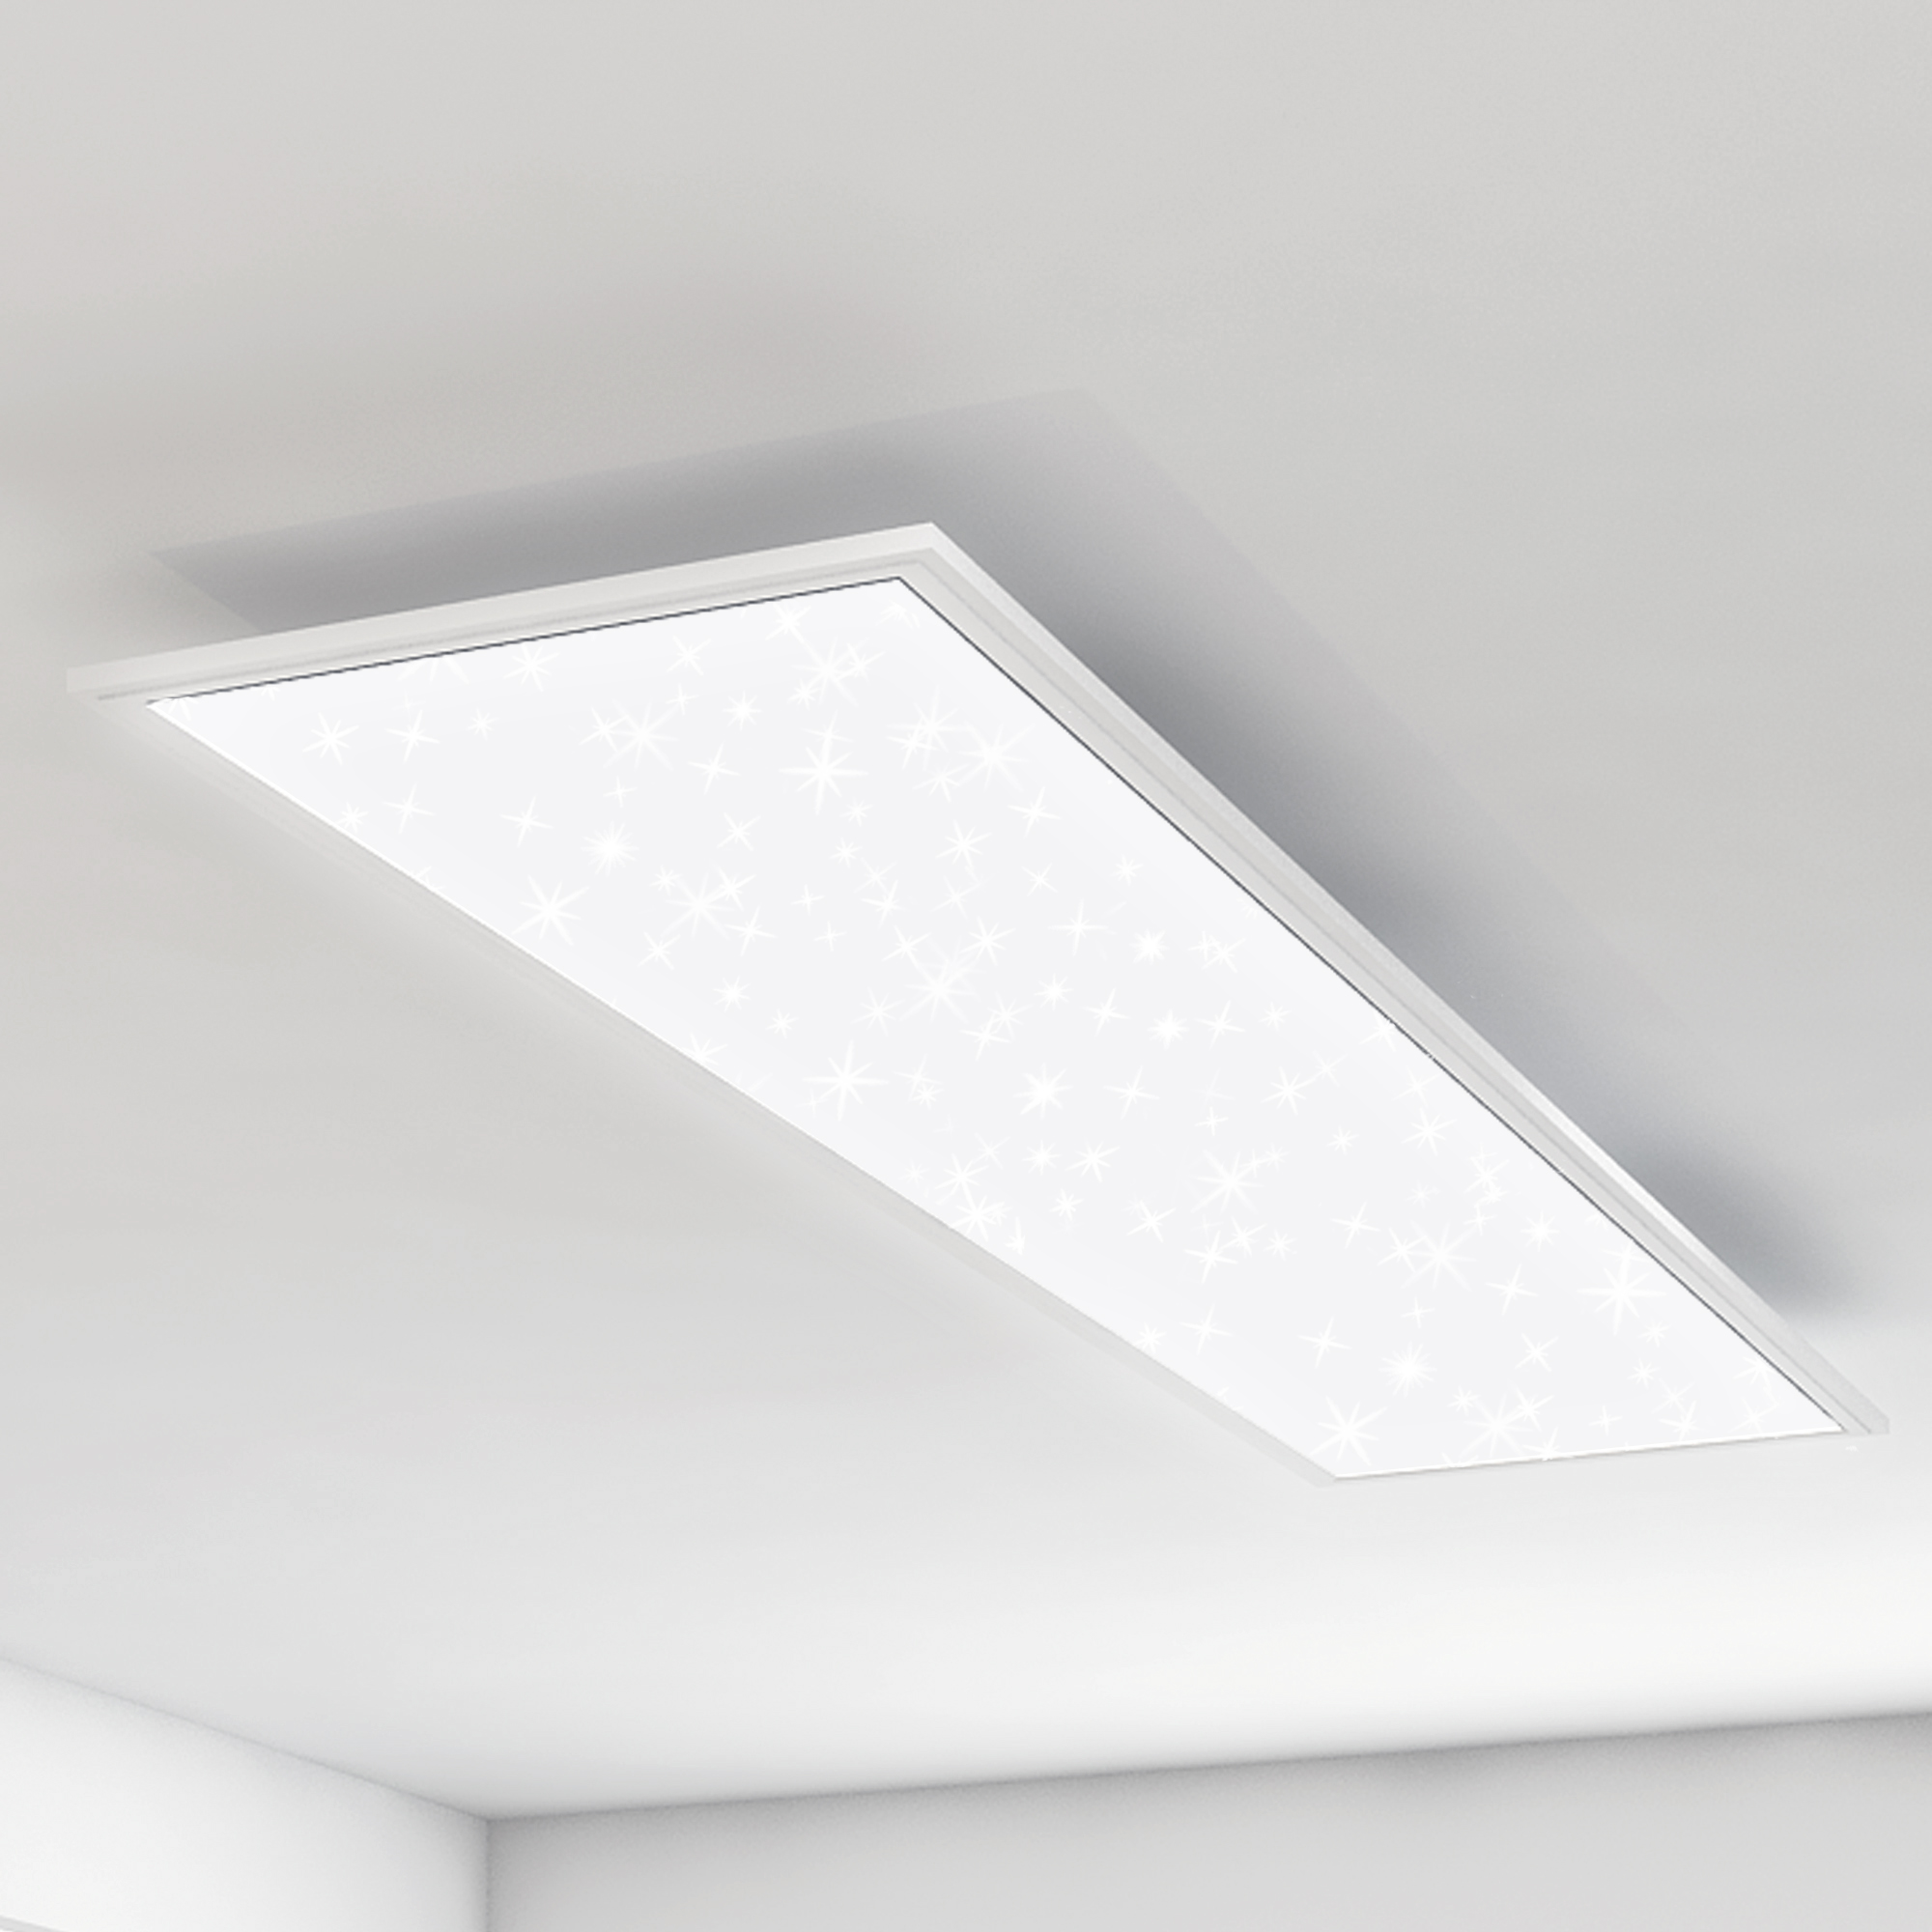 STERNENHIMMEL LED Panel, 119,5 cm, 4100 LUMEN, 38 WATT, Weiss